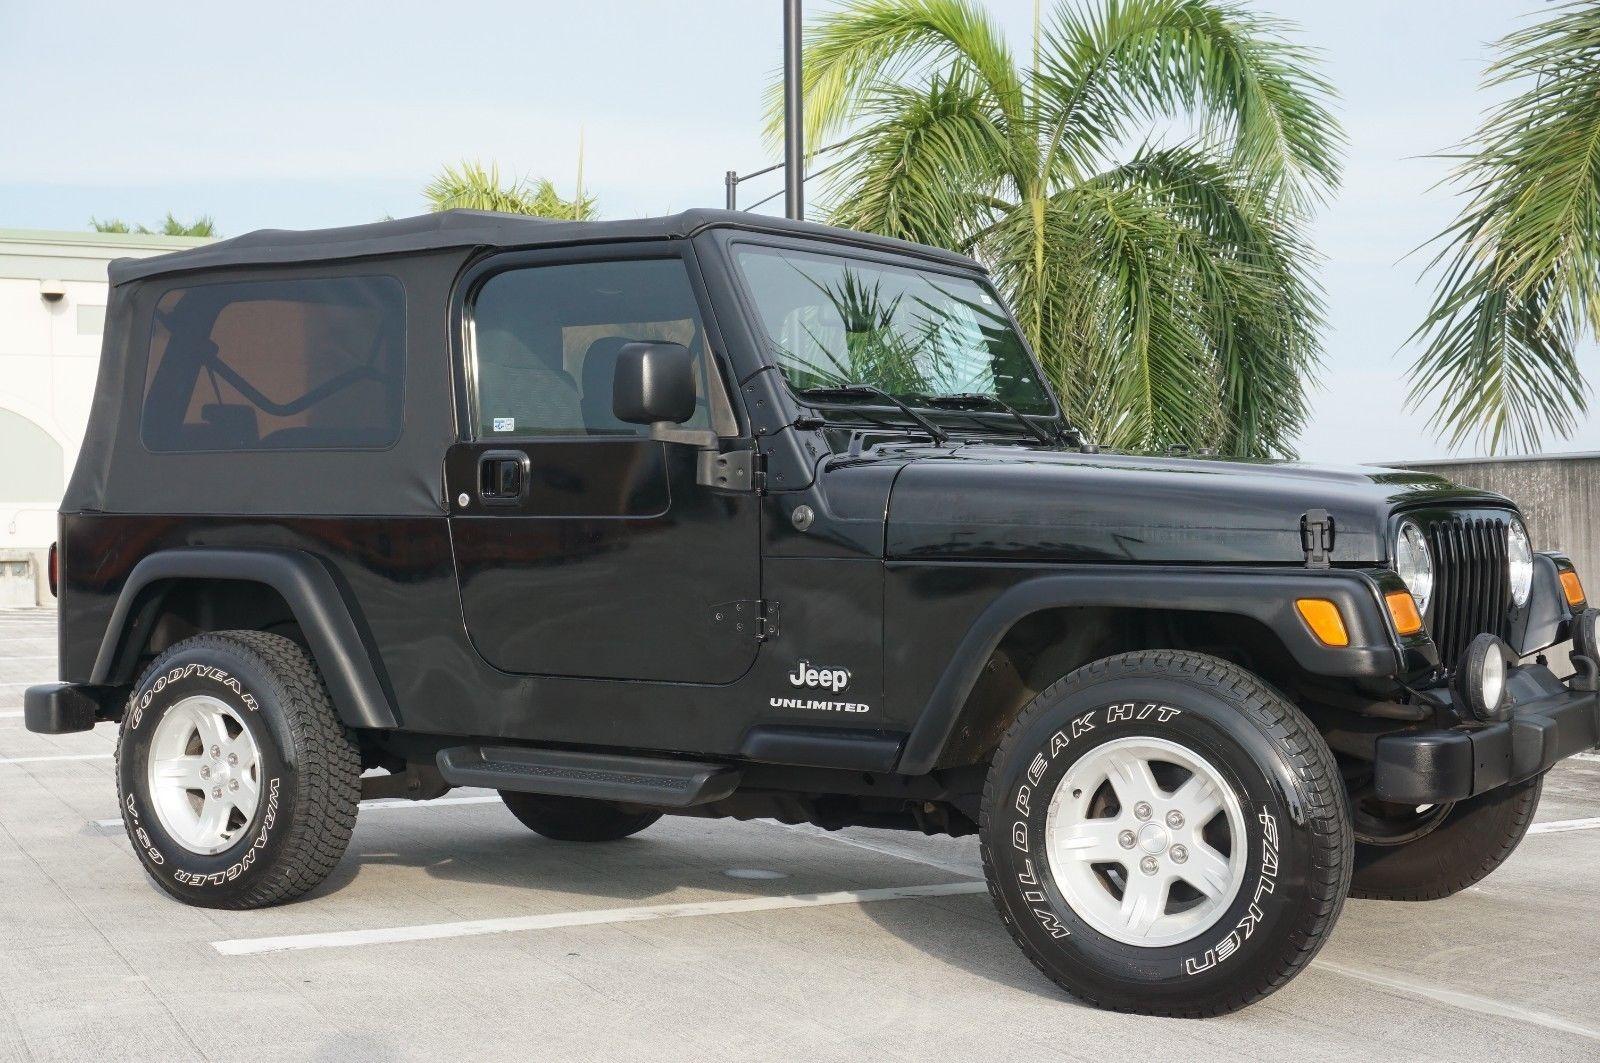 2004 Jeep Wrangler Unlimited 4x4 Two Door